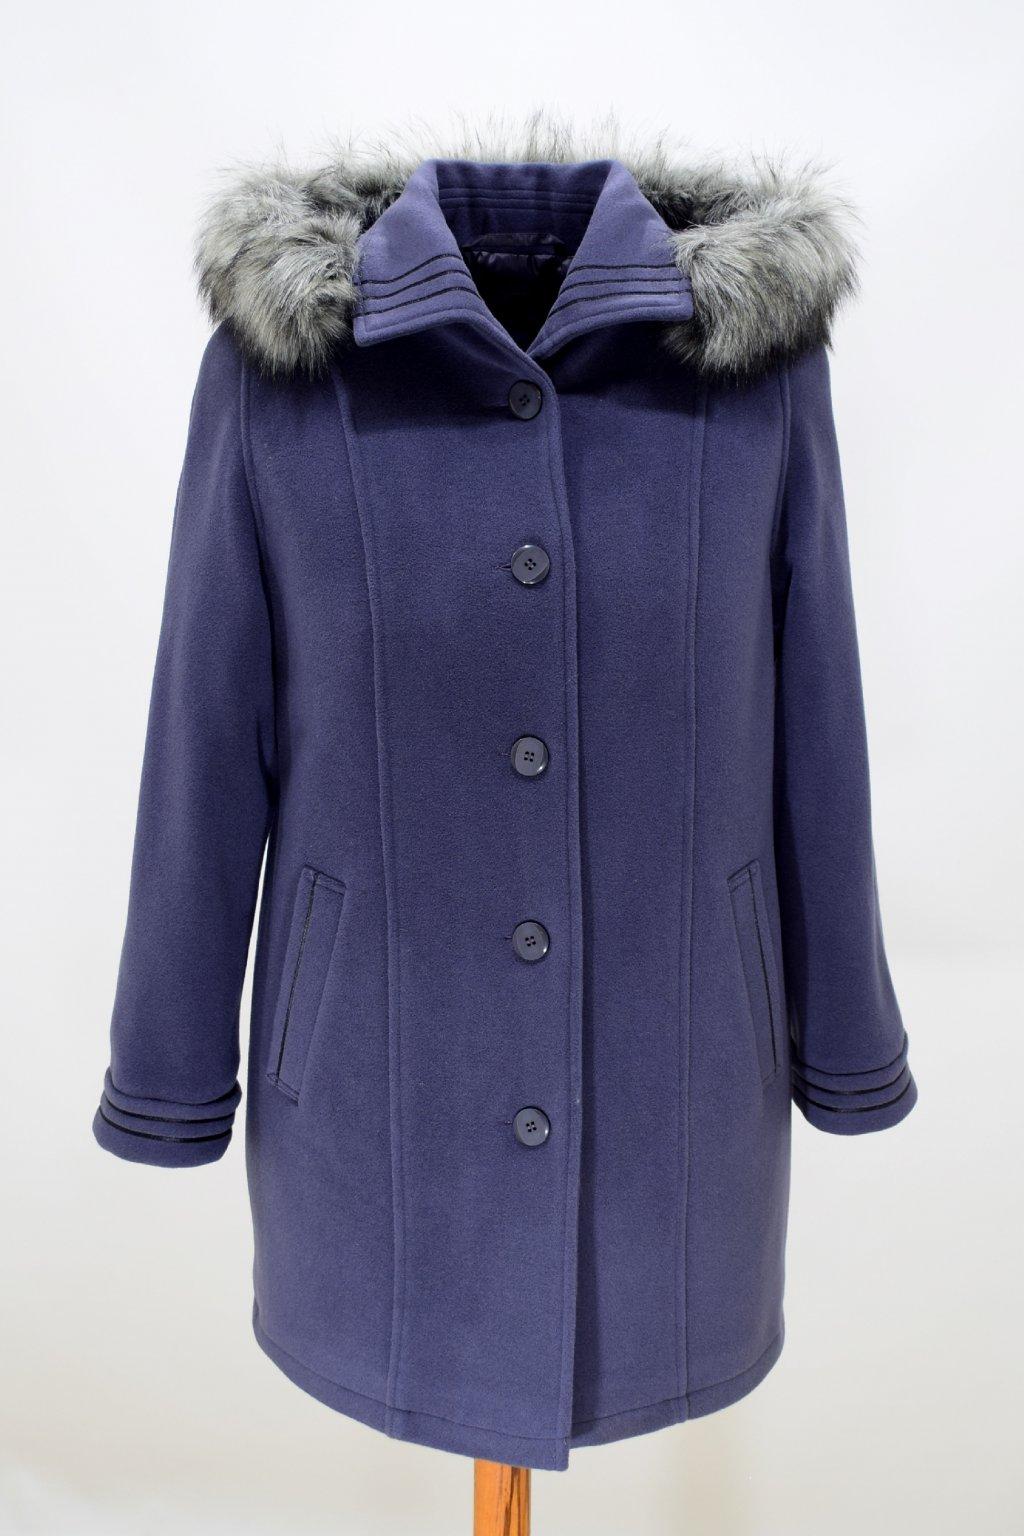 Dámský šedý zimní kabát Renata nadměrné velikosti.